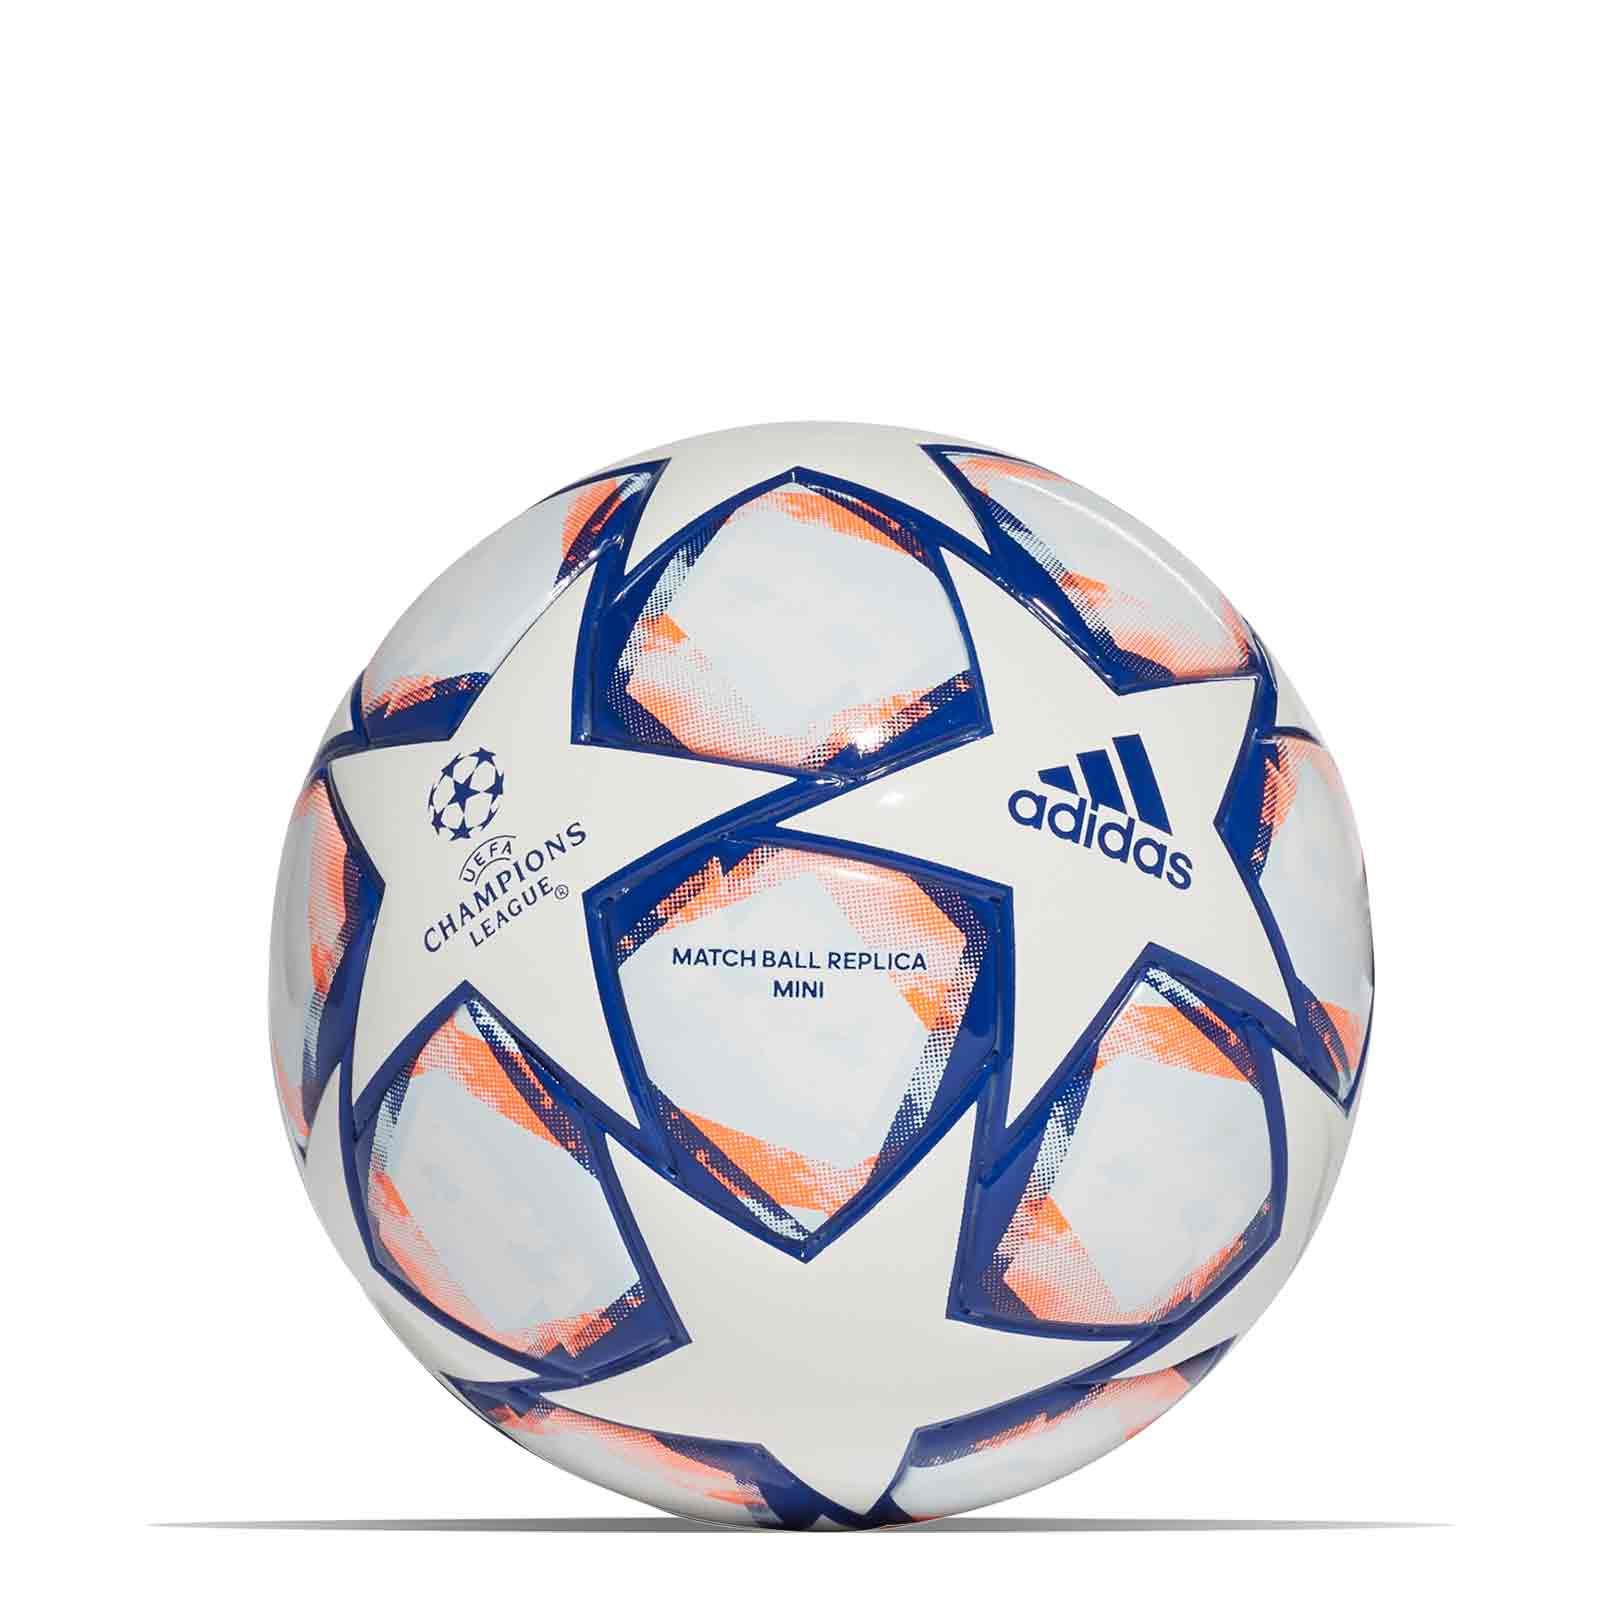 agudo Condicional farmacia  Balón adidas Finale 20 talla mini blanco azul | futtbolmania